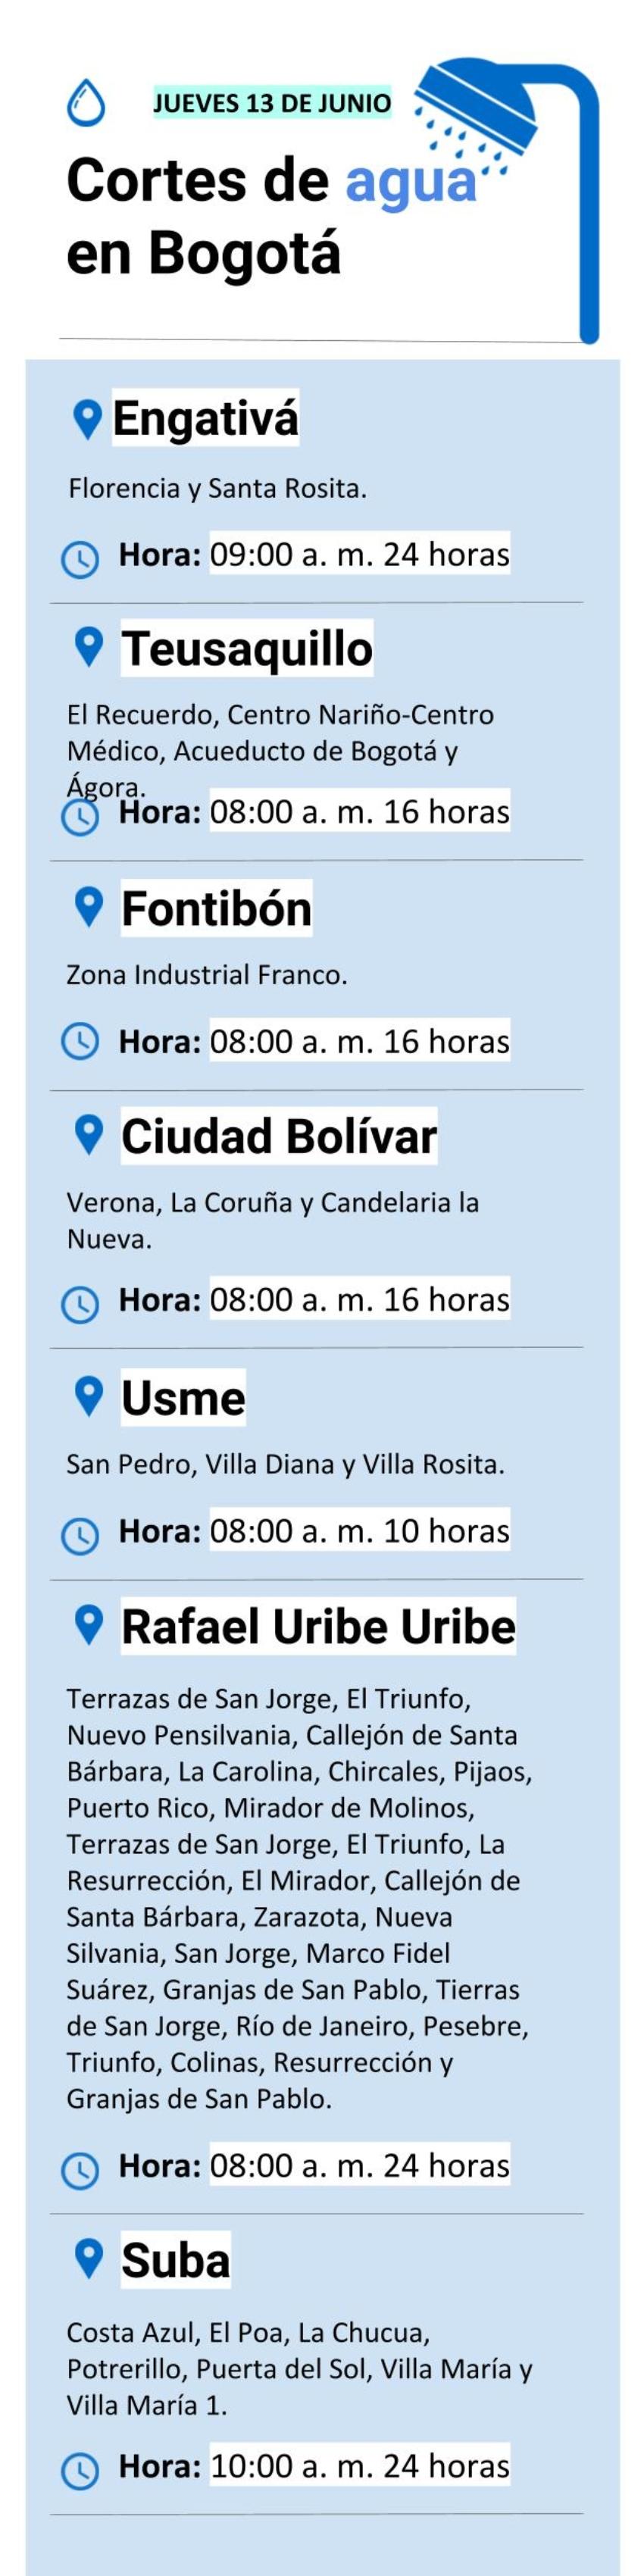 Cortes de agua en Bogotá jueves 13 de junio